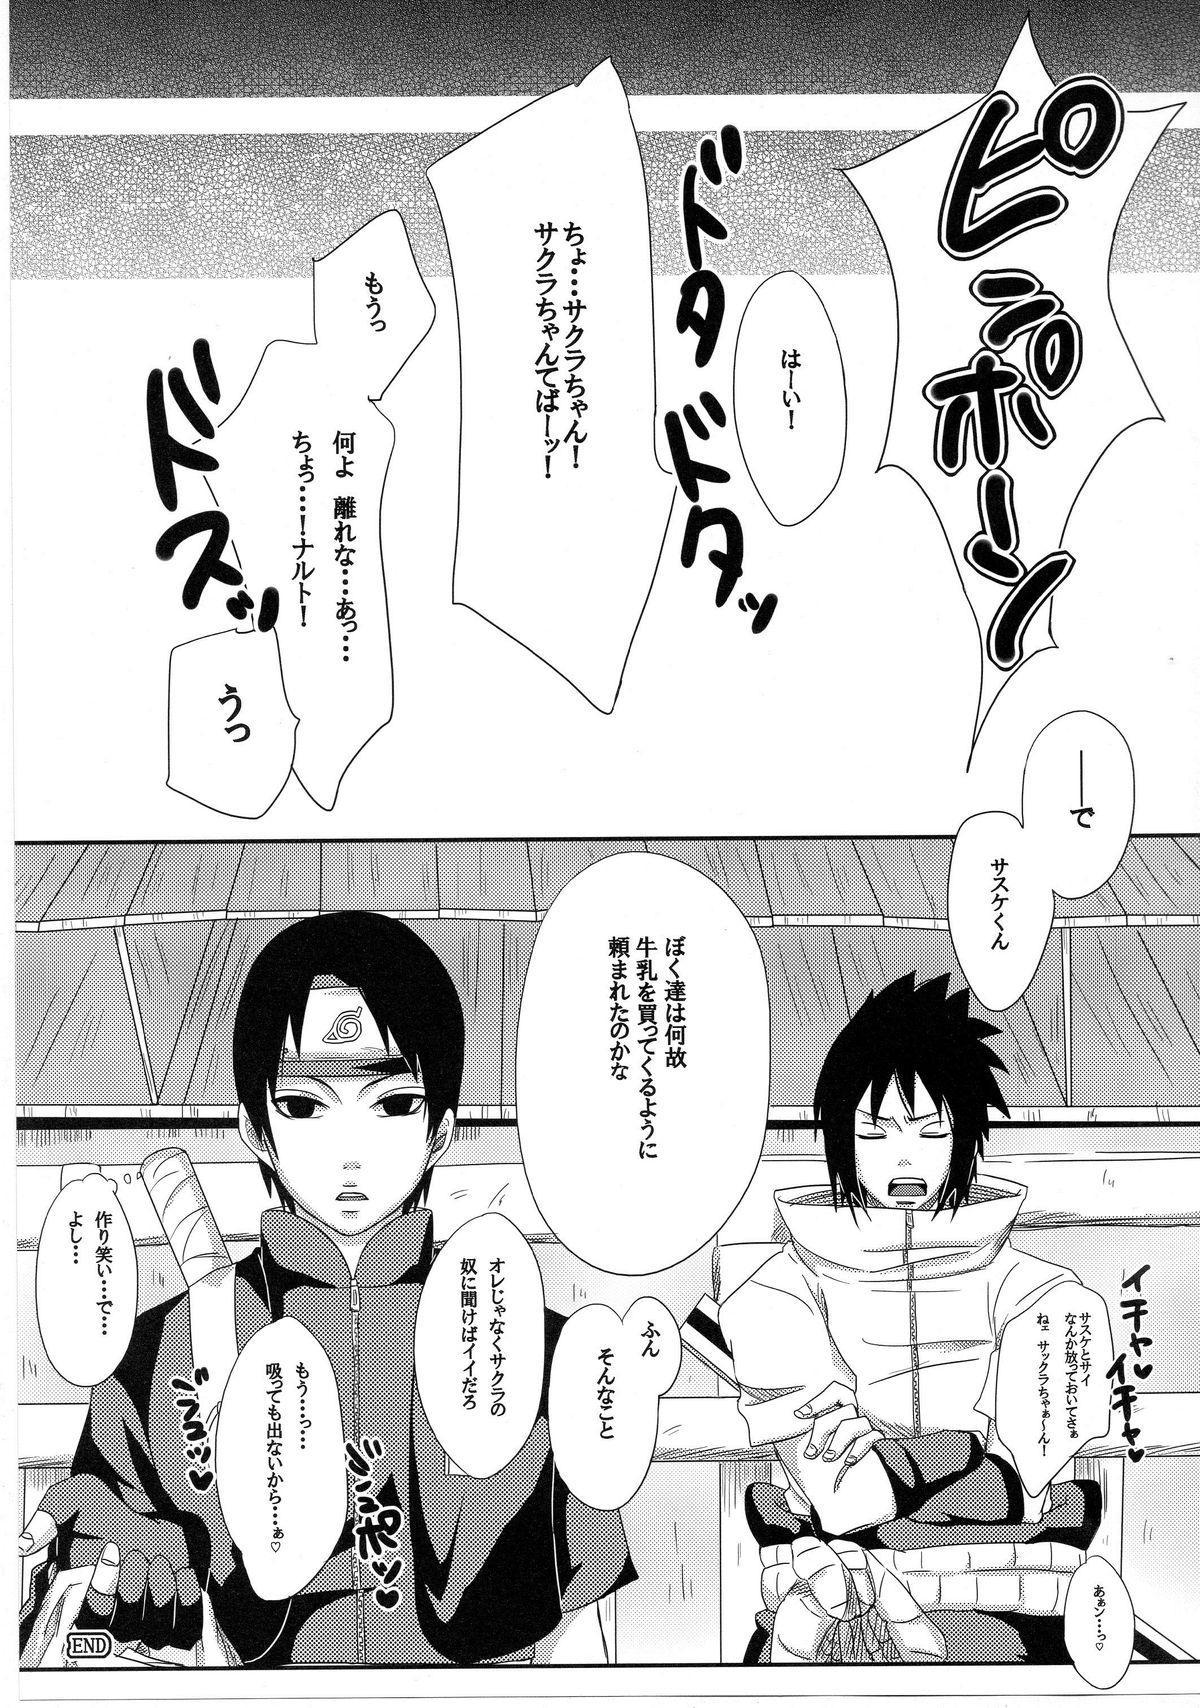 Sato Ichiban no! 21